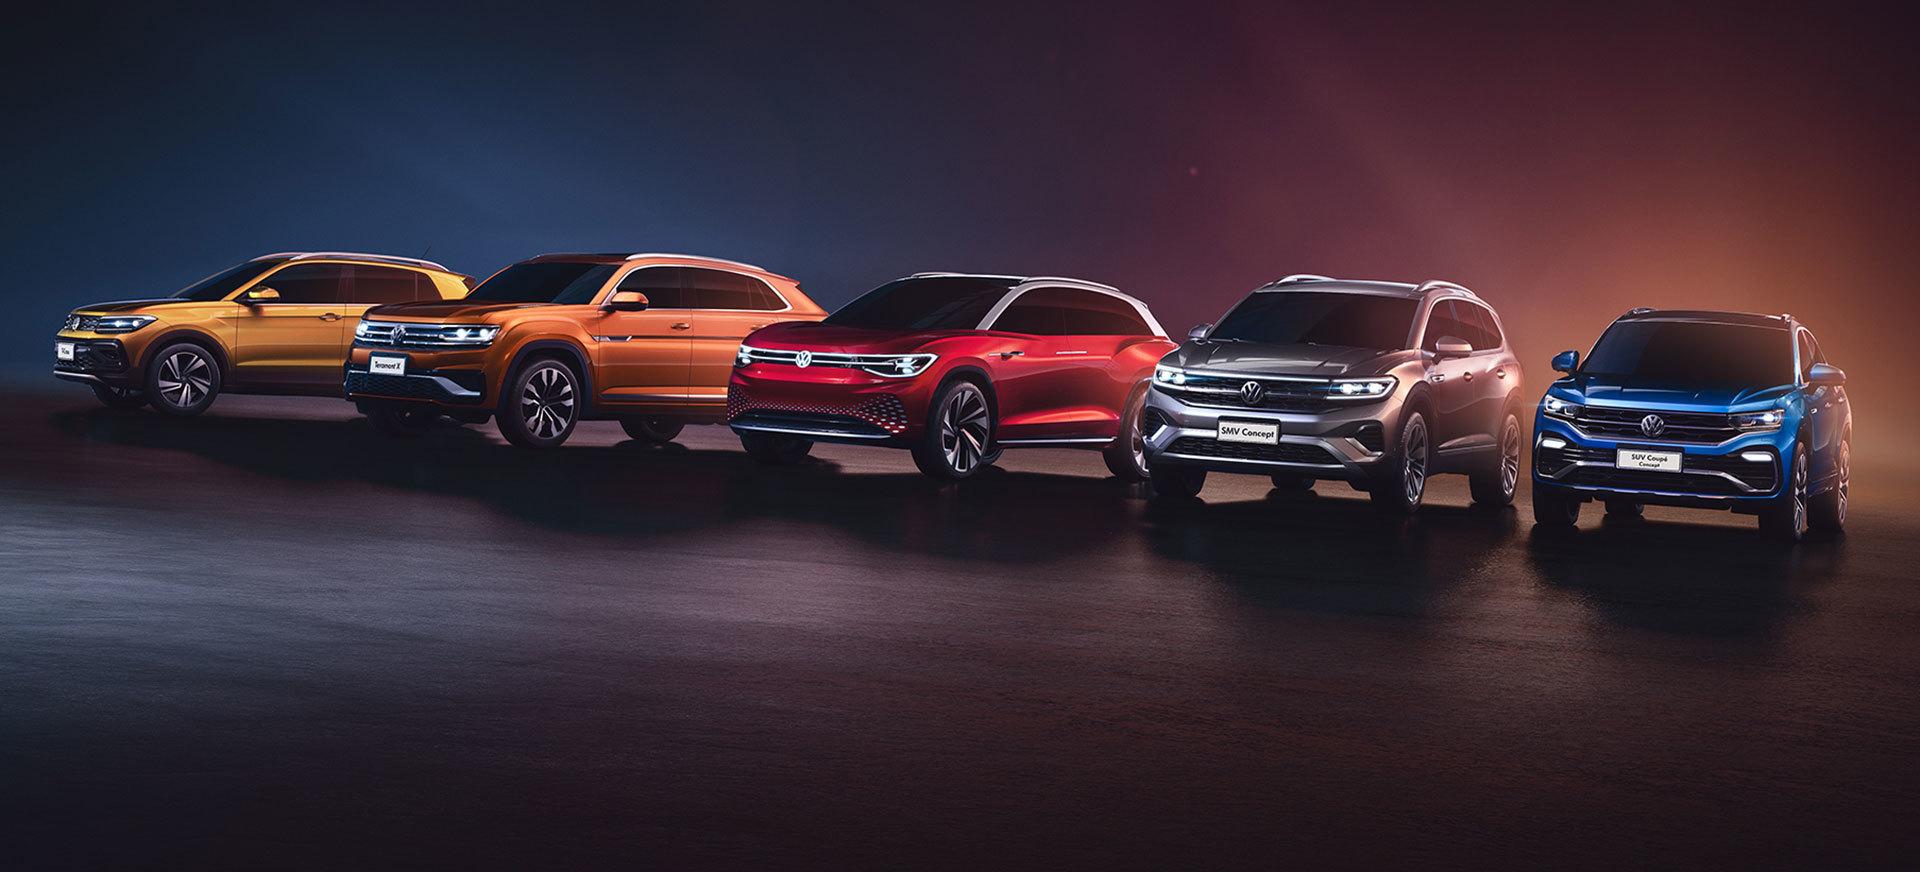 Volkswagen Smv Concept 2019 02